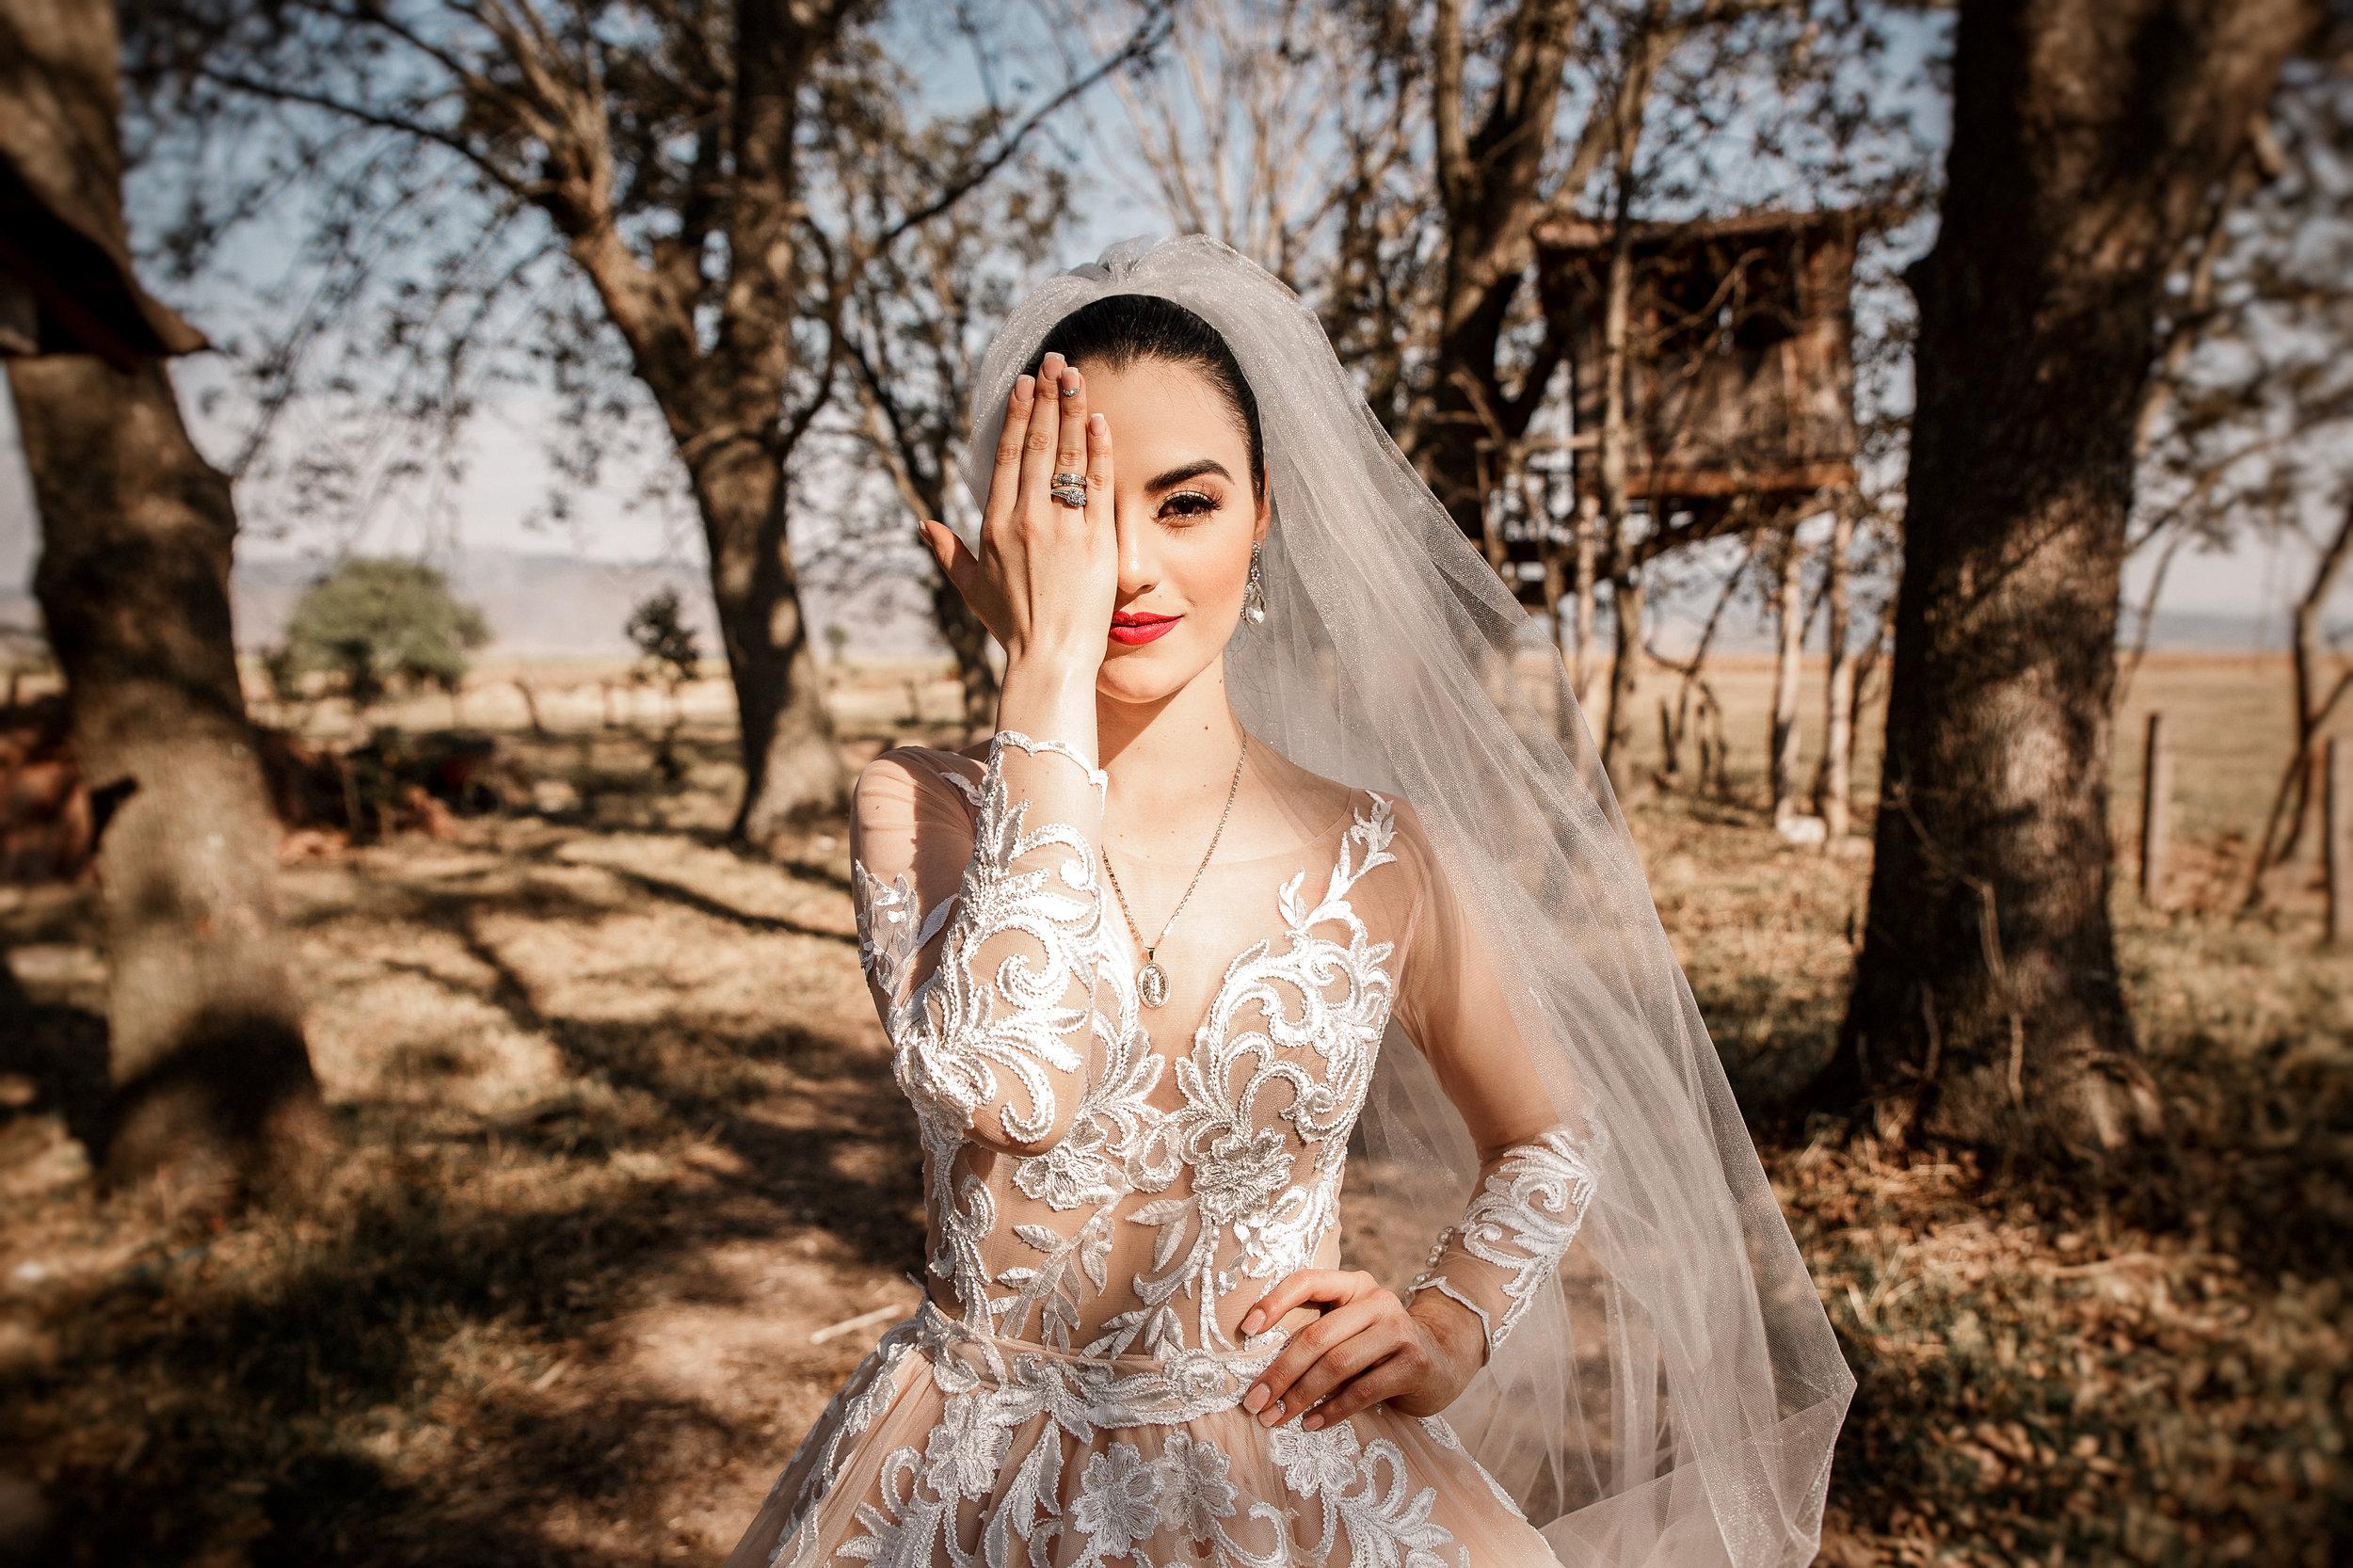 Fotografo-de-bodas-destino-Mexico-wedding-destination-photographer-san-miguel-de-allende-guanajuato-queretaro-boho-bohemian-bohemio-chic-editorial-carotida-photographer-sierra-michoacan